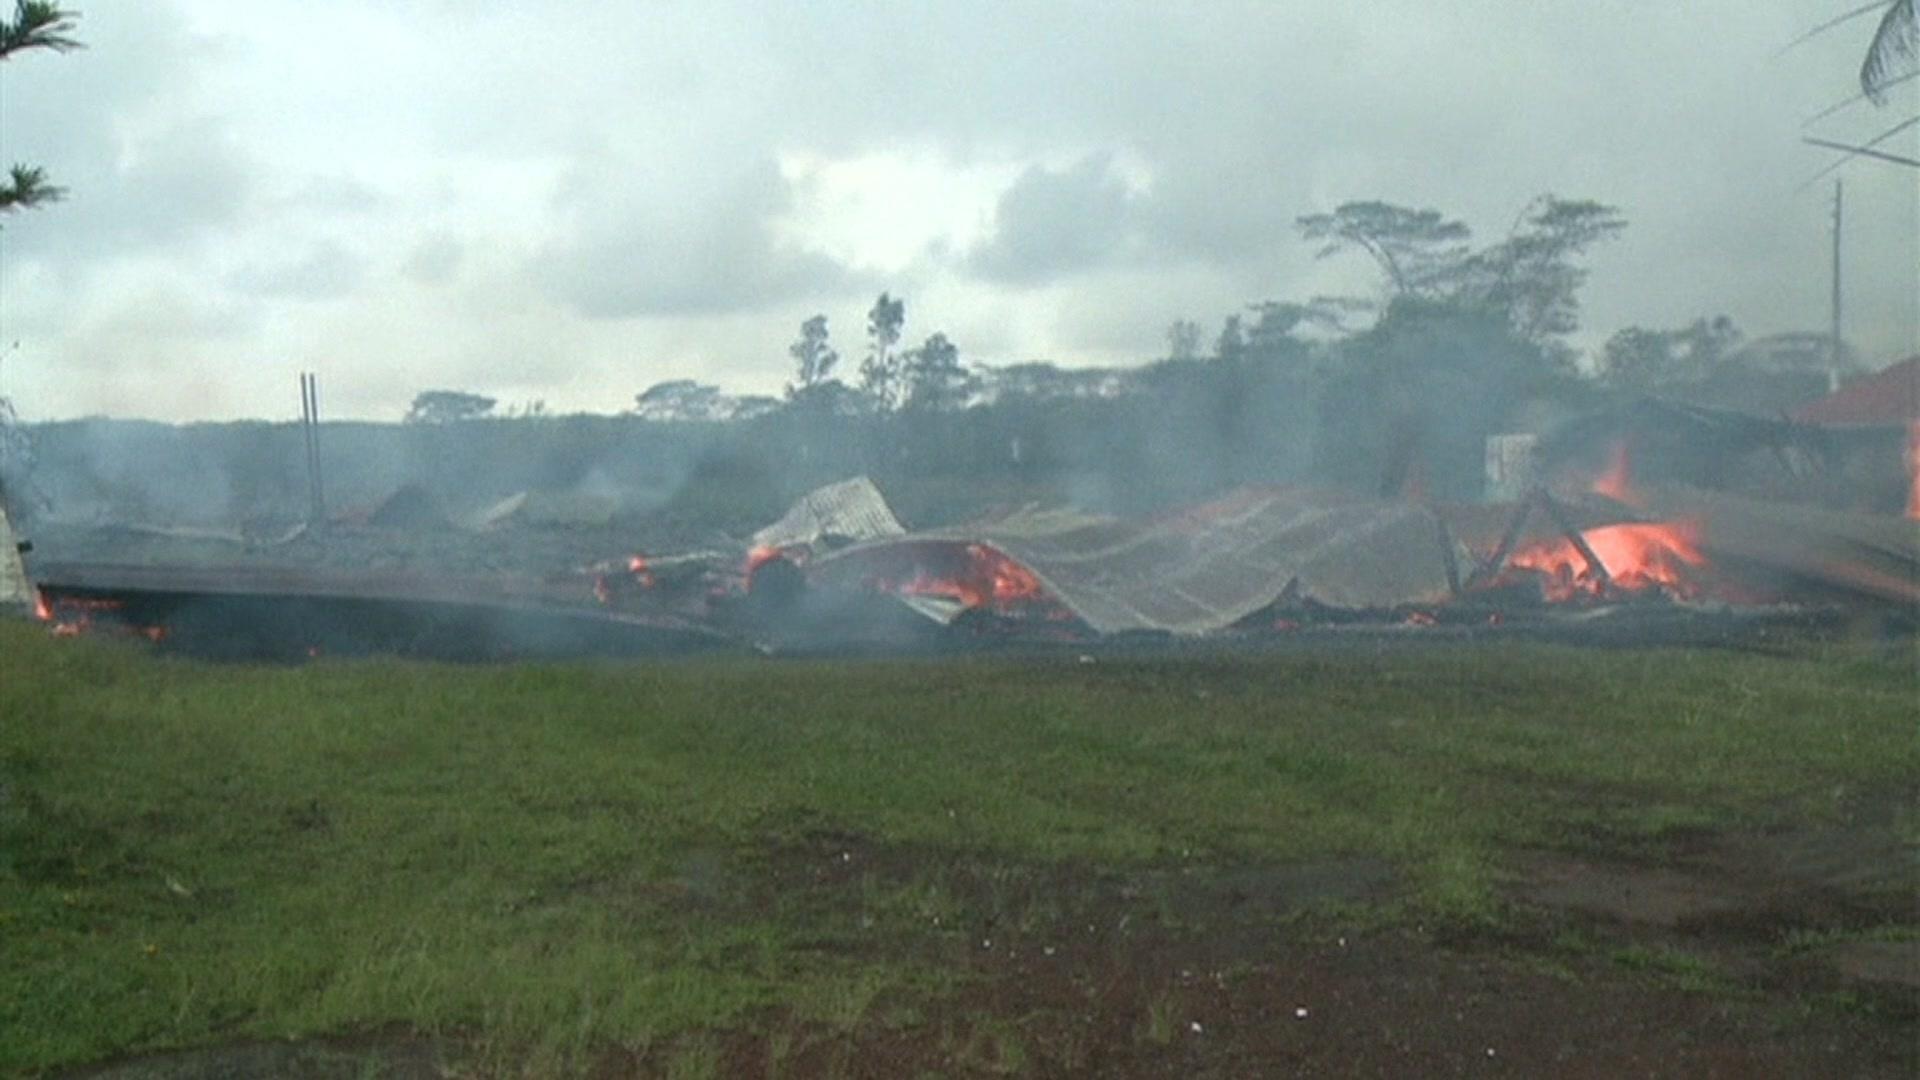 11.nov.2014 - A lava do vulcão Kilauea chegou à área do vilarejo de Pahoa, no Havaí (EUA) há duas semanas e já havia destruído o cemitério local. Nesta segunda-feira, atingiu a primeira casa do vilarejo. Em quarenta e cinco minutos, a construção foi completamente incinerada